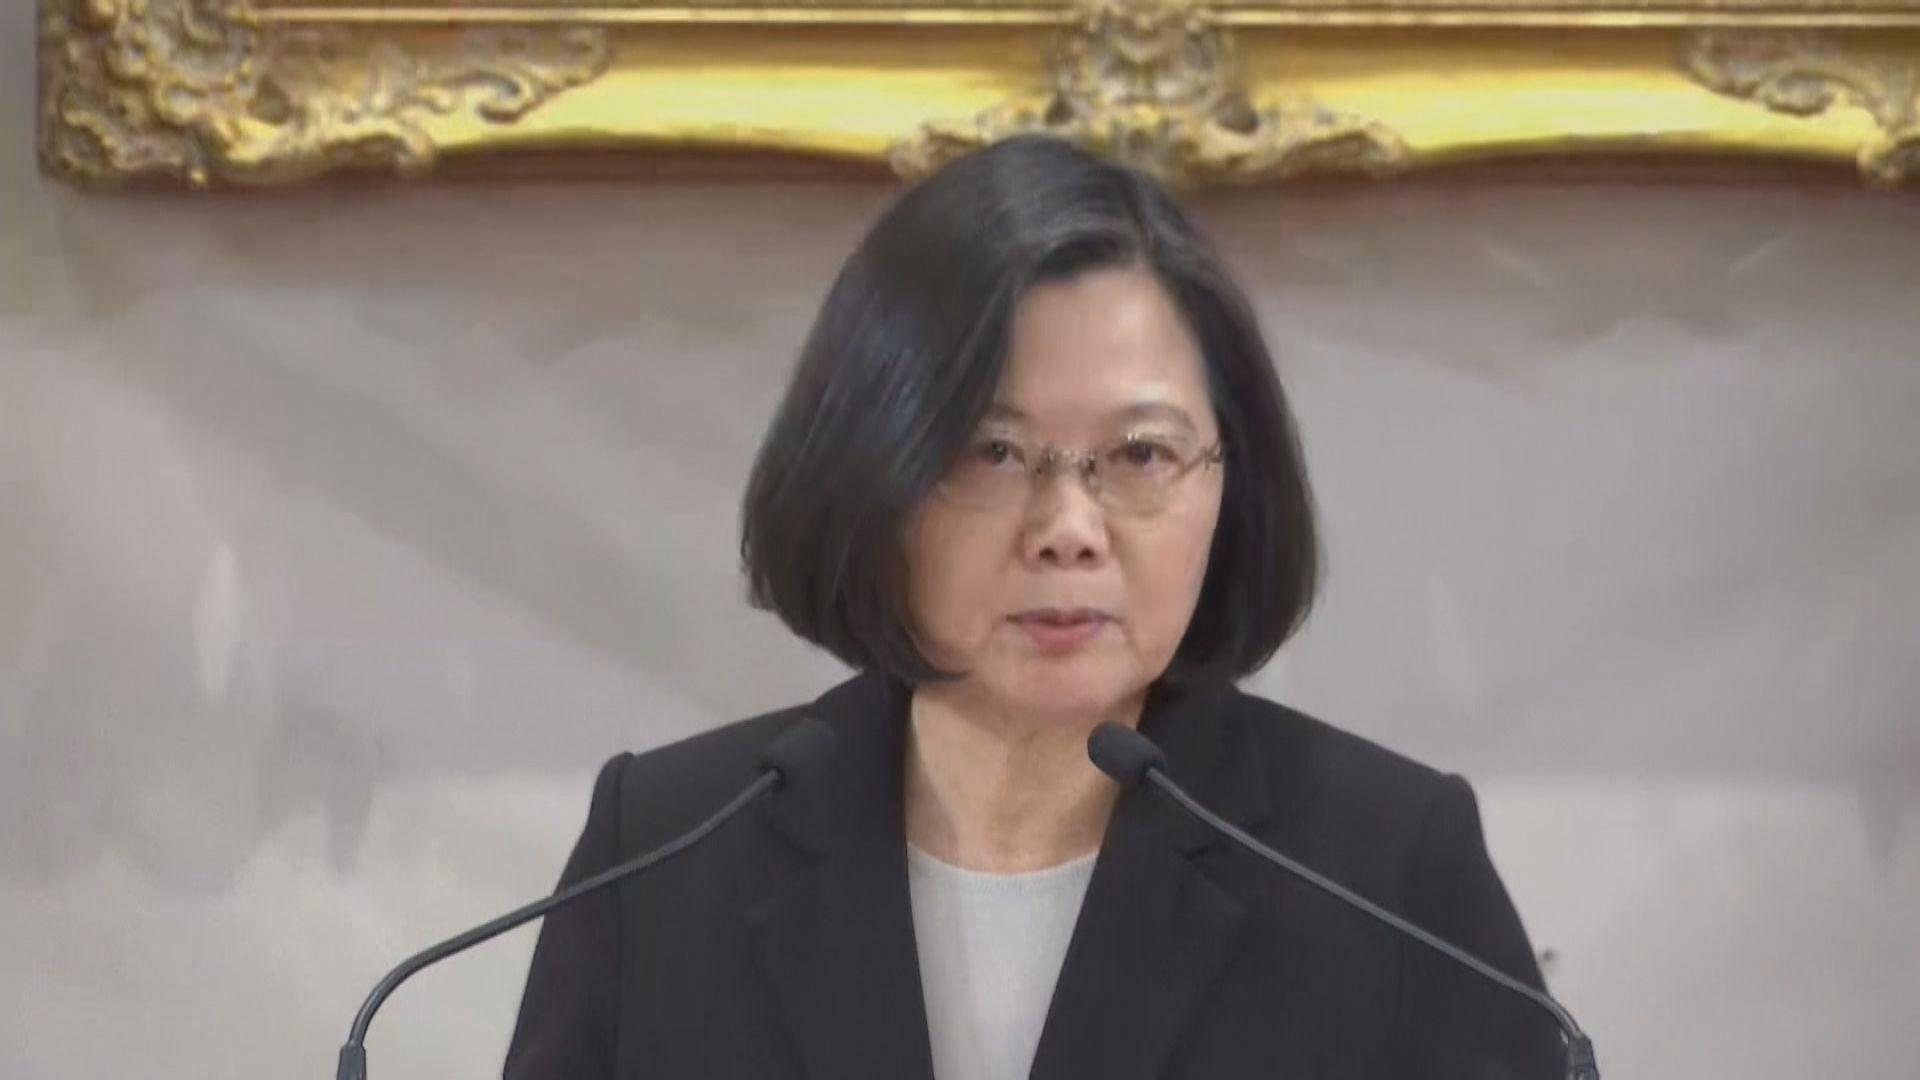 蔡英文首次公開表示台灣人民不接受一國兩制